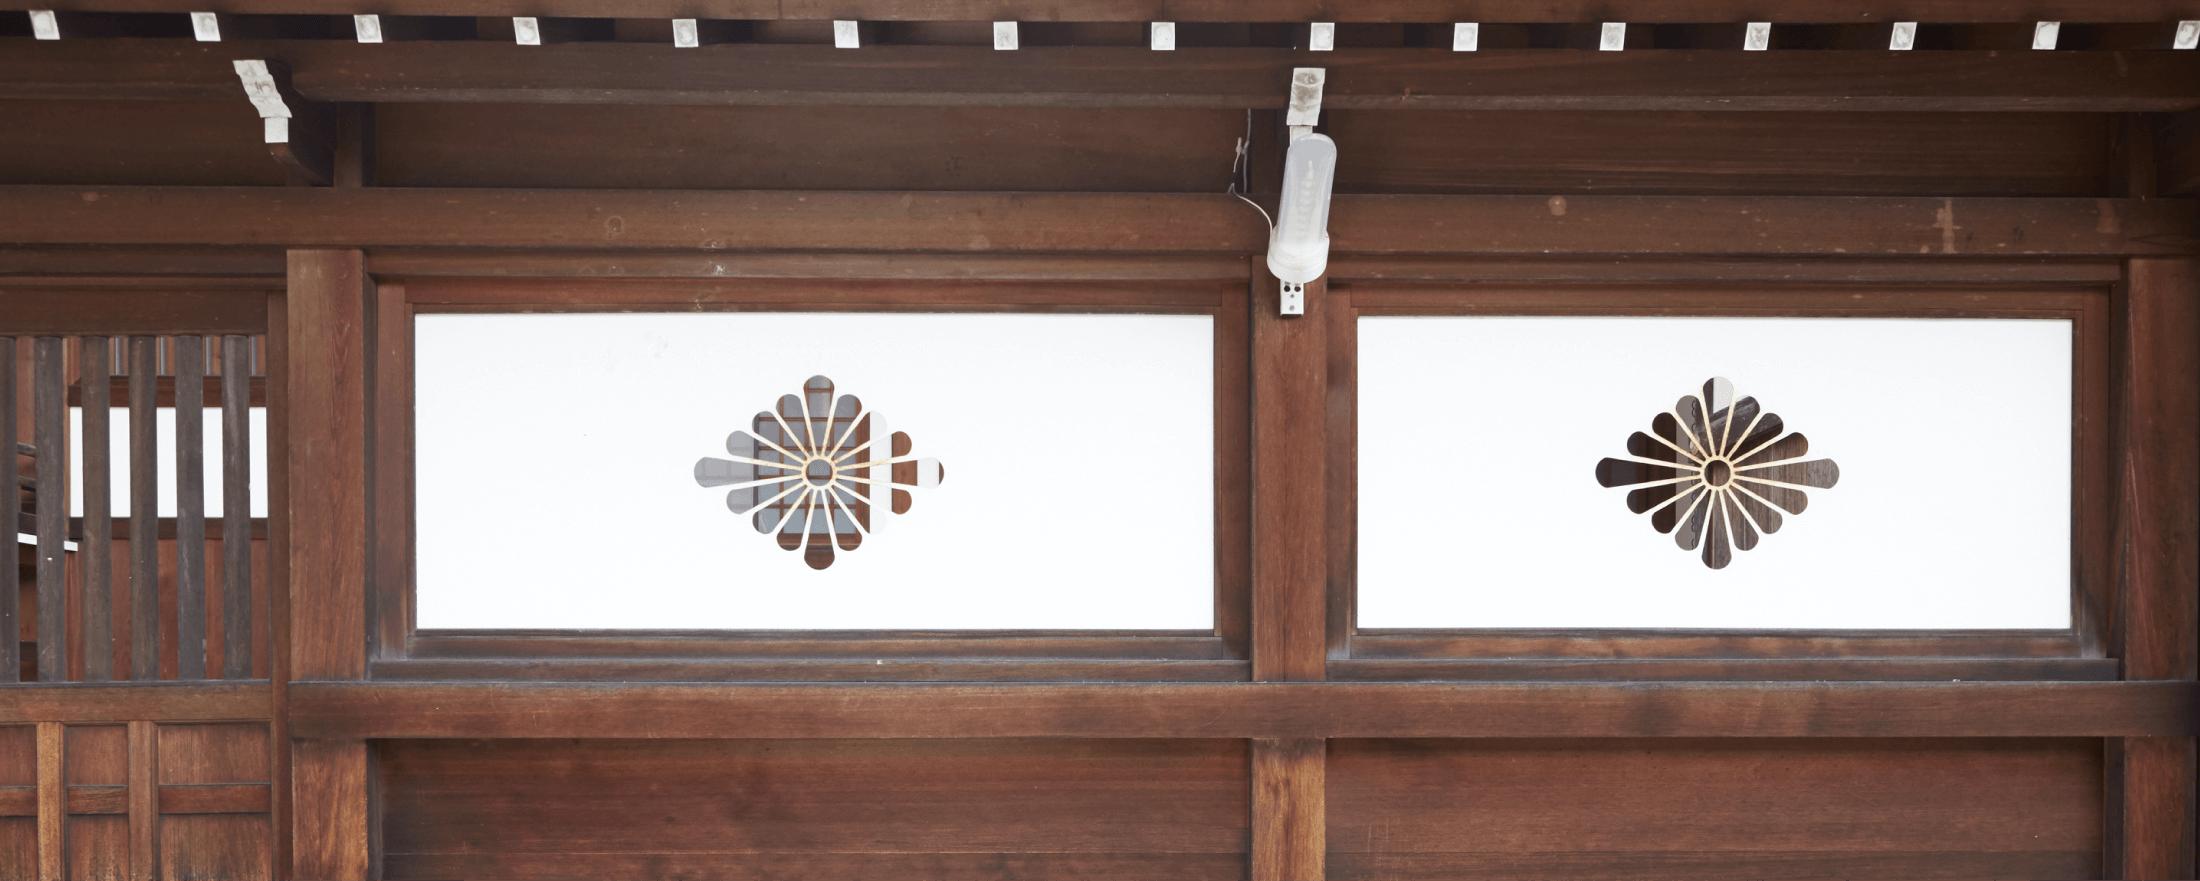 川原神社の社紋「菊菱」。